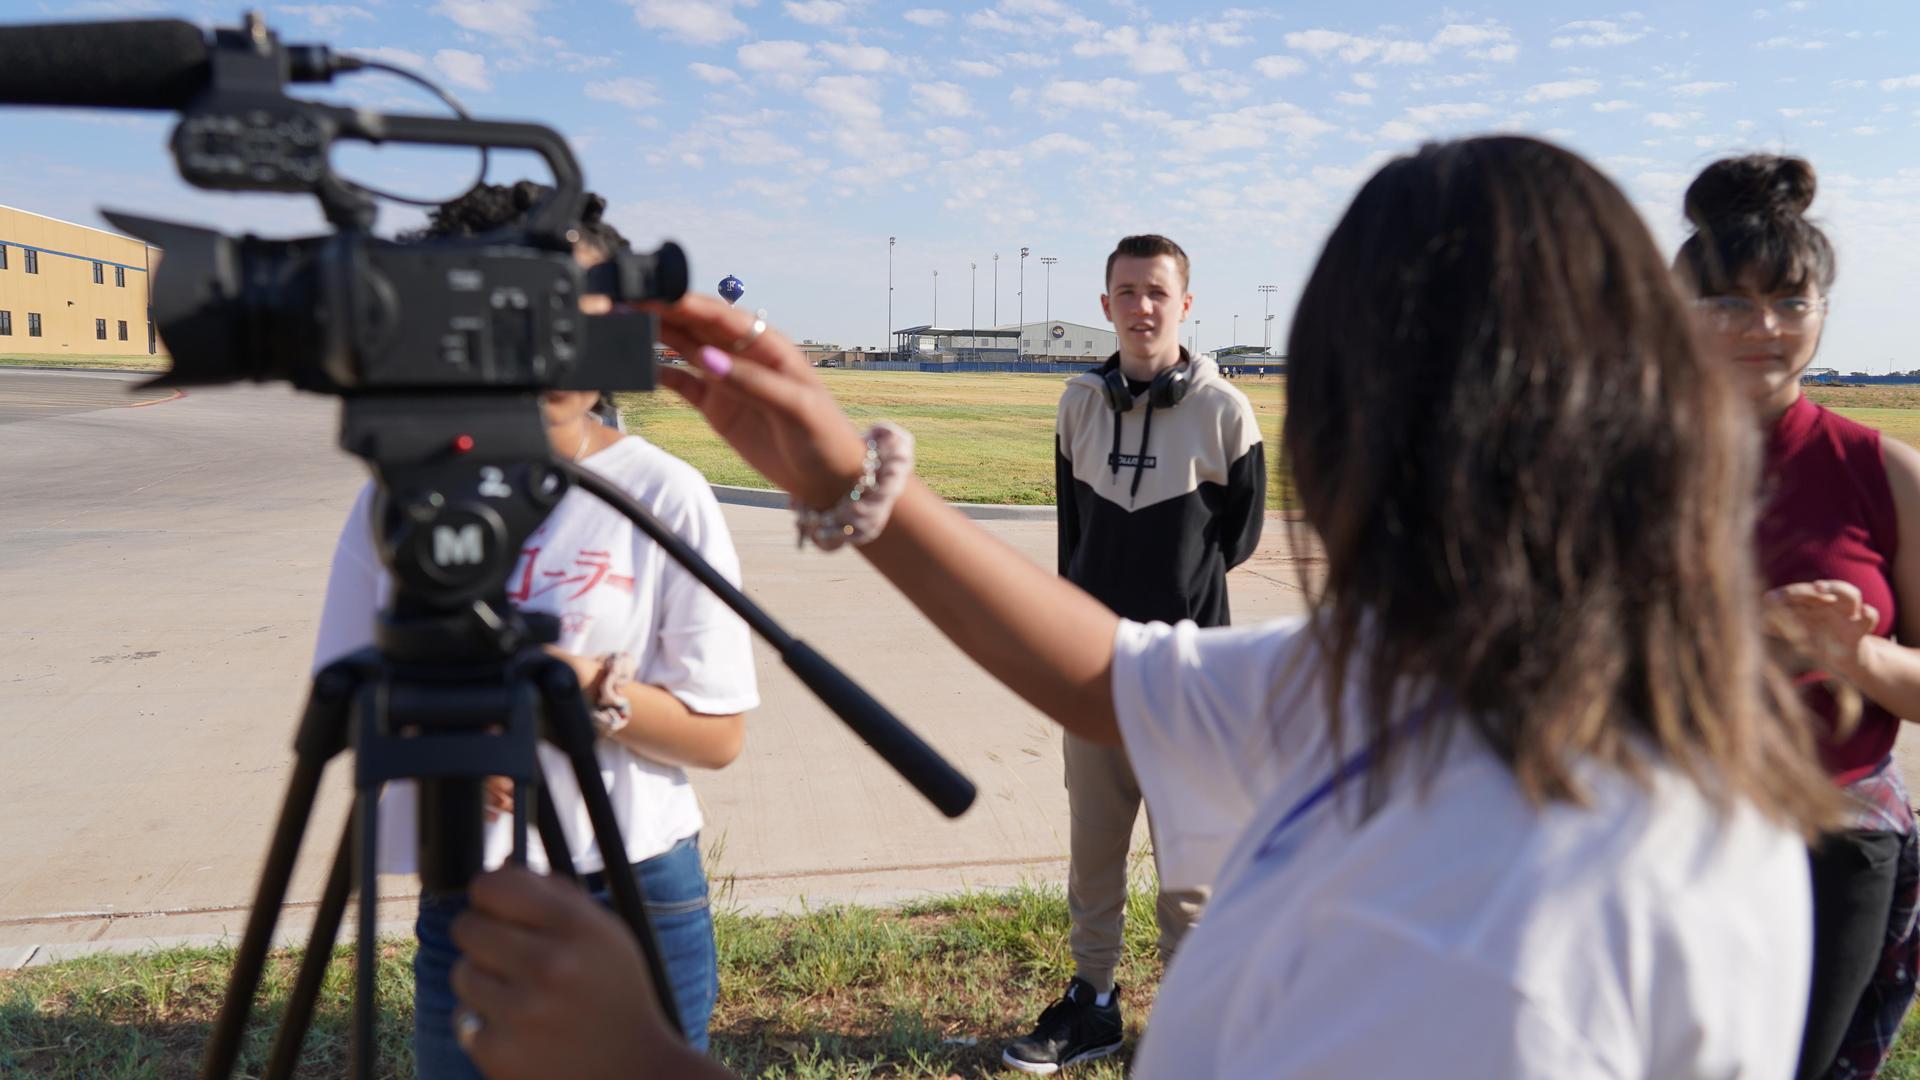 media students behind camera